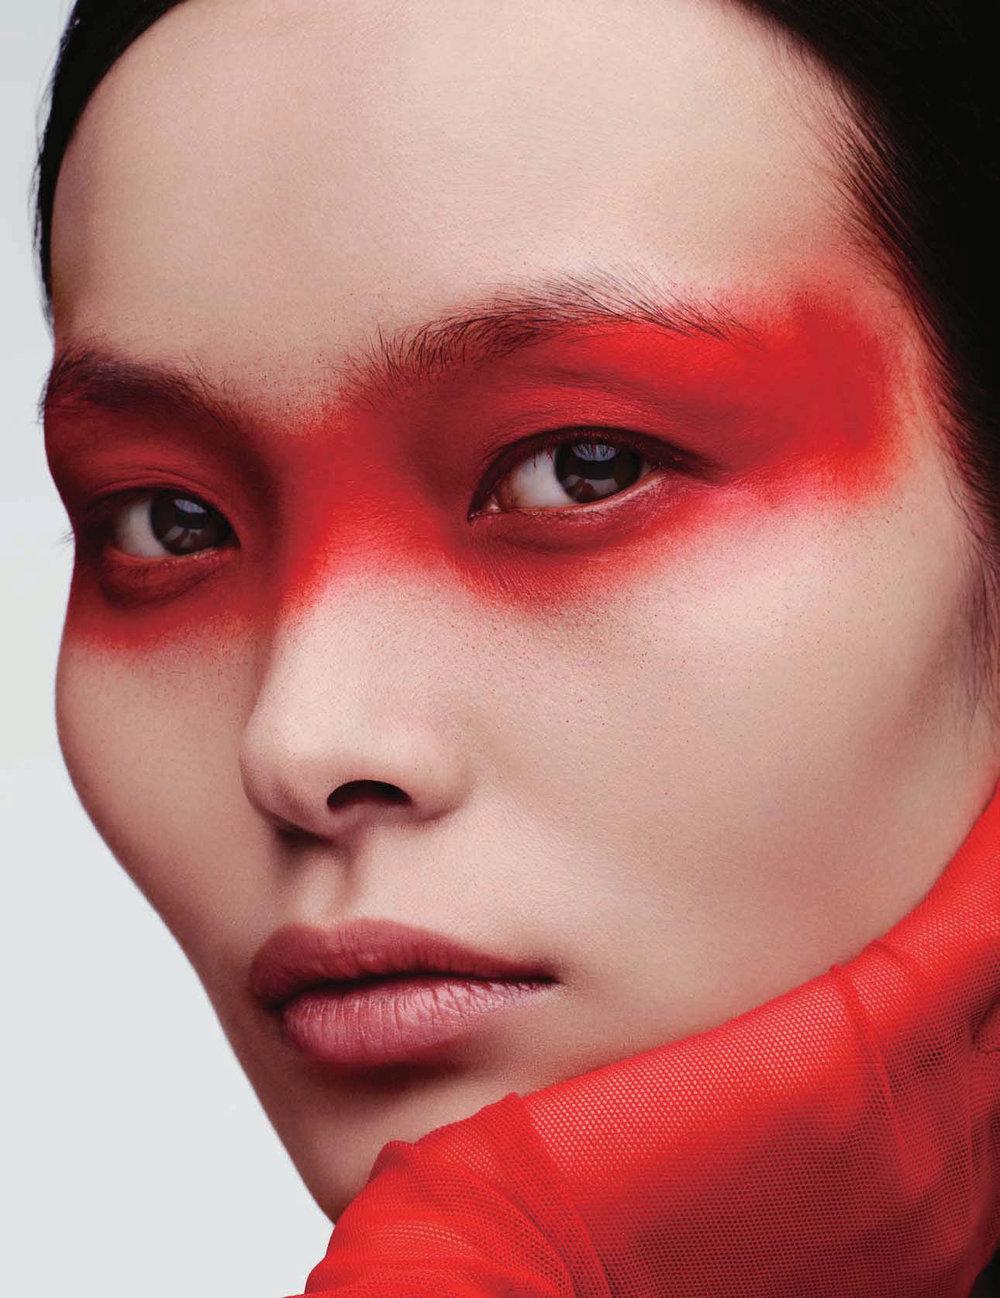 vogue-china-september-2017-ling-liu-by-ben-hassett-03.jpg